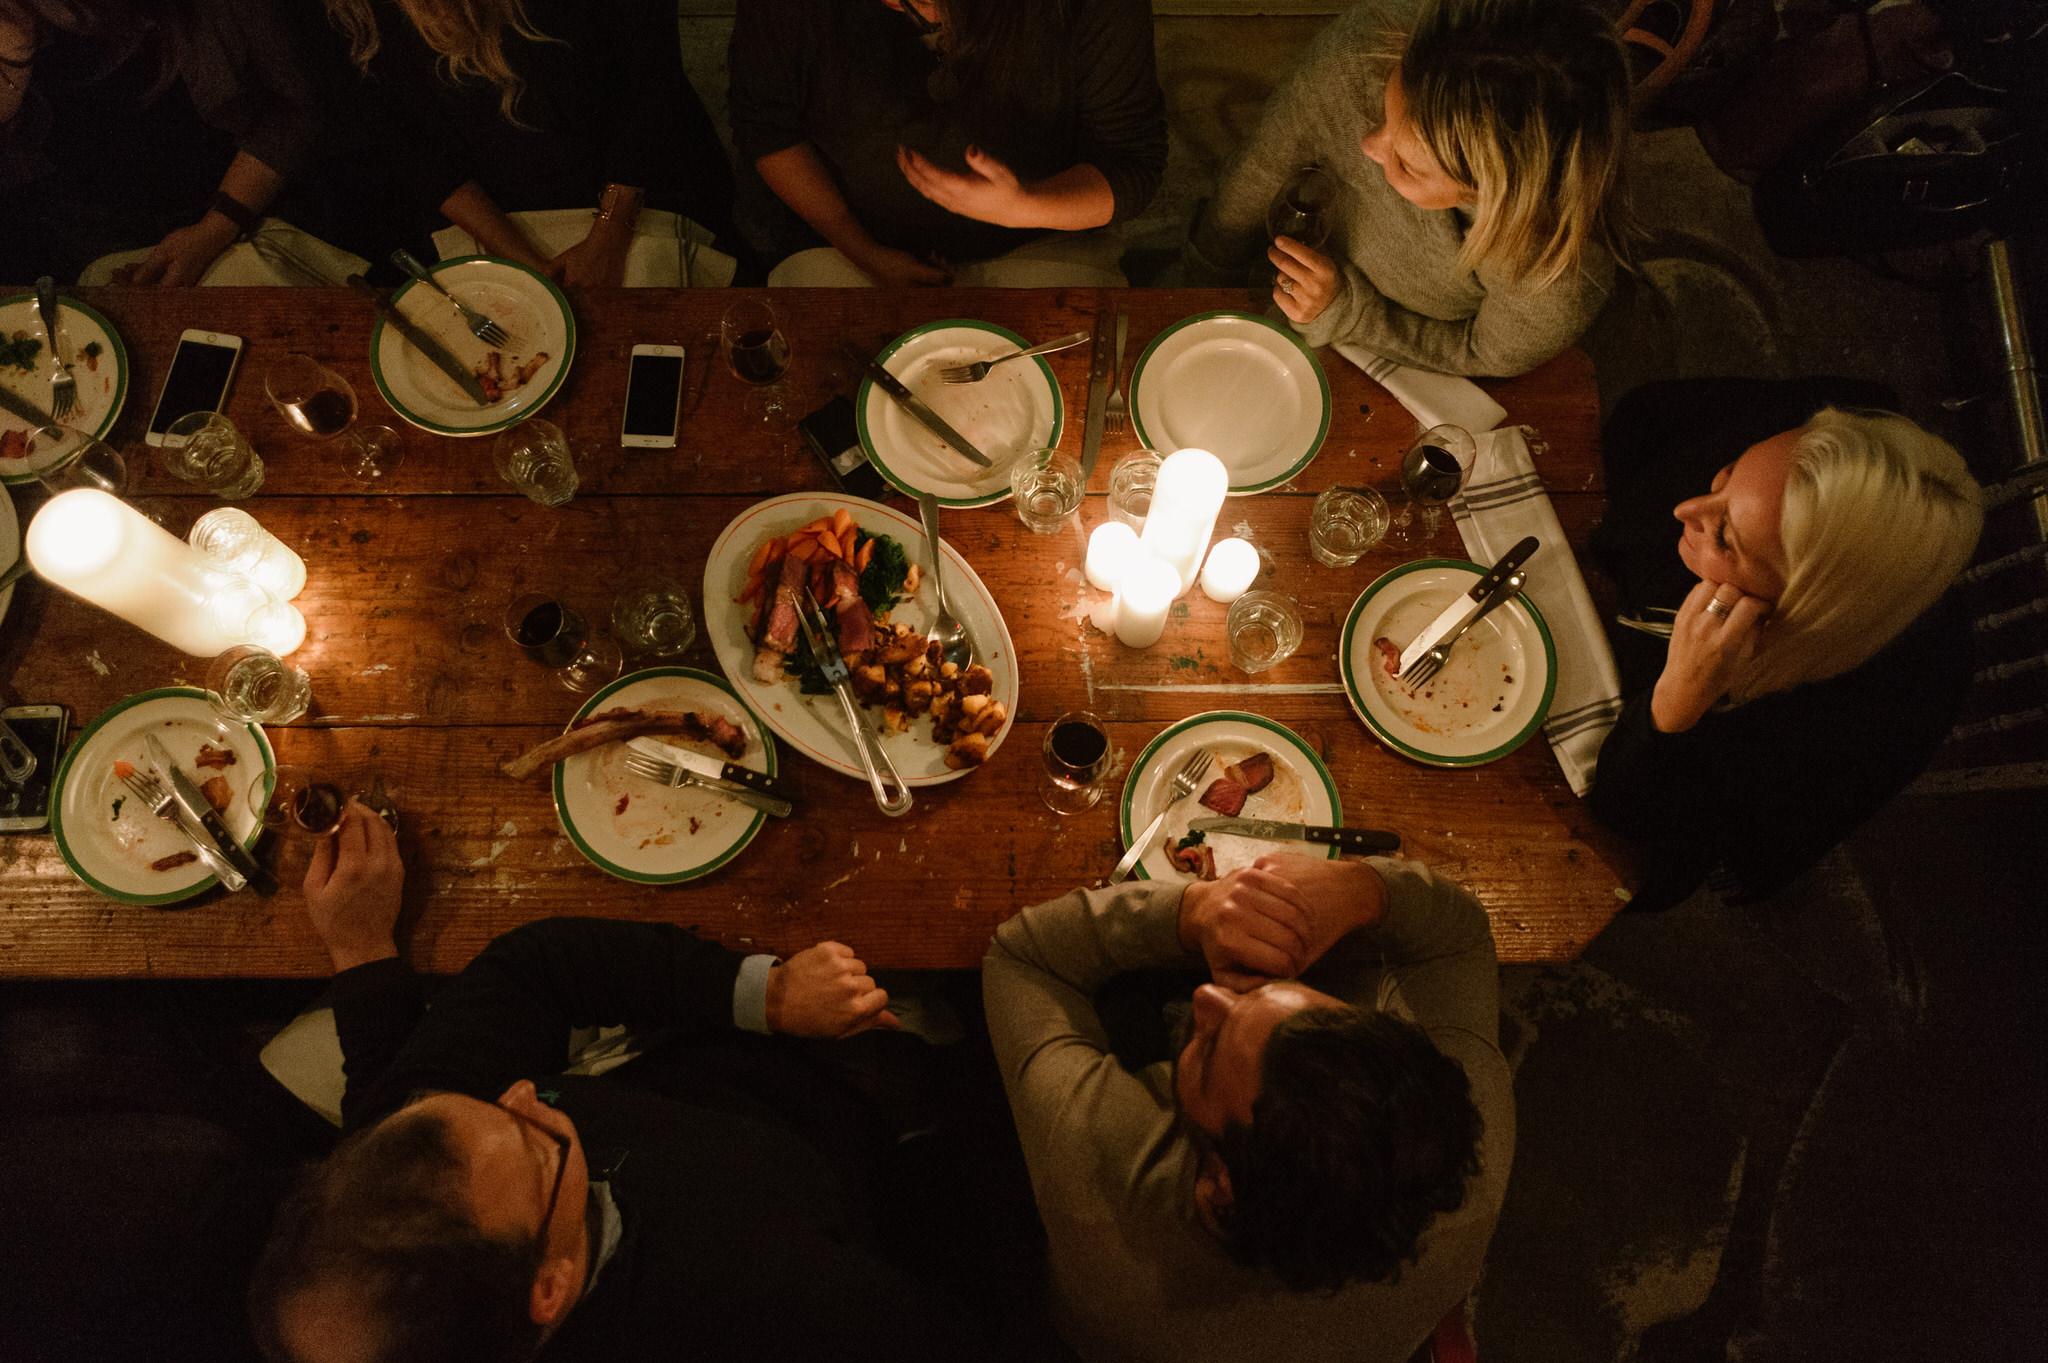 b_h_dinner289.jpg